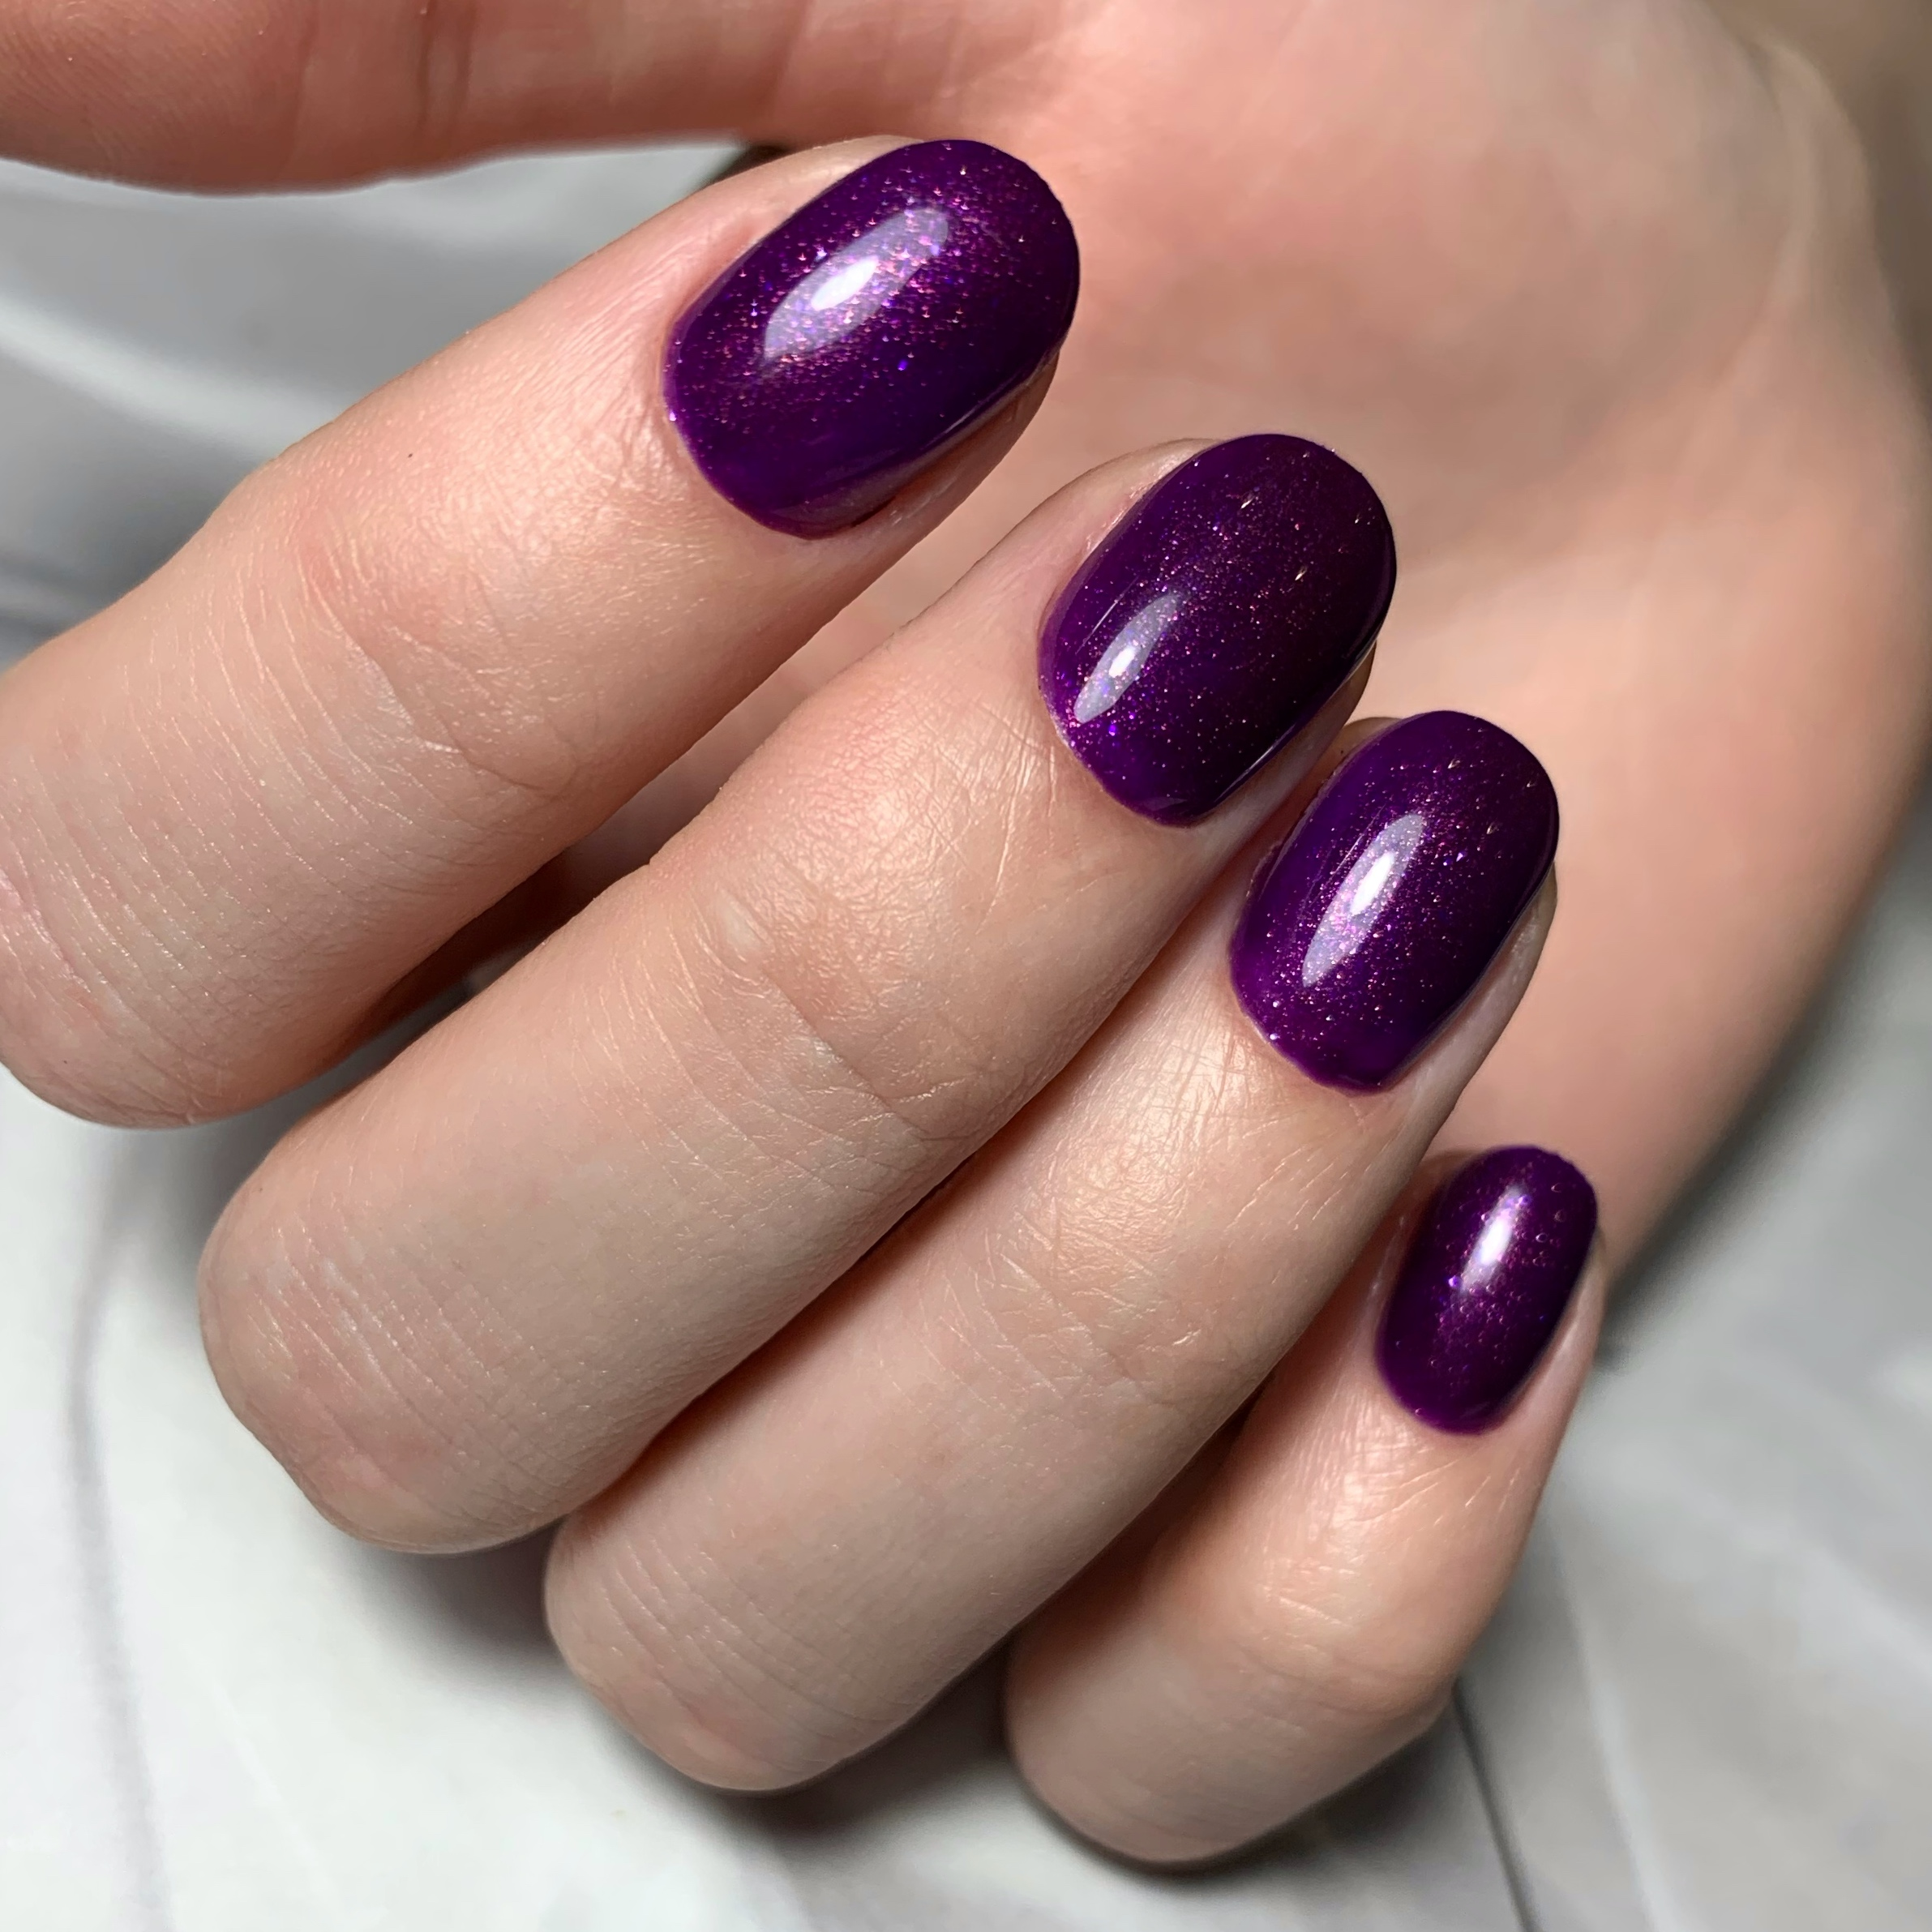 Маникюр с блестками в фиолетовом цвете на короткие ногти.